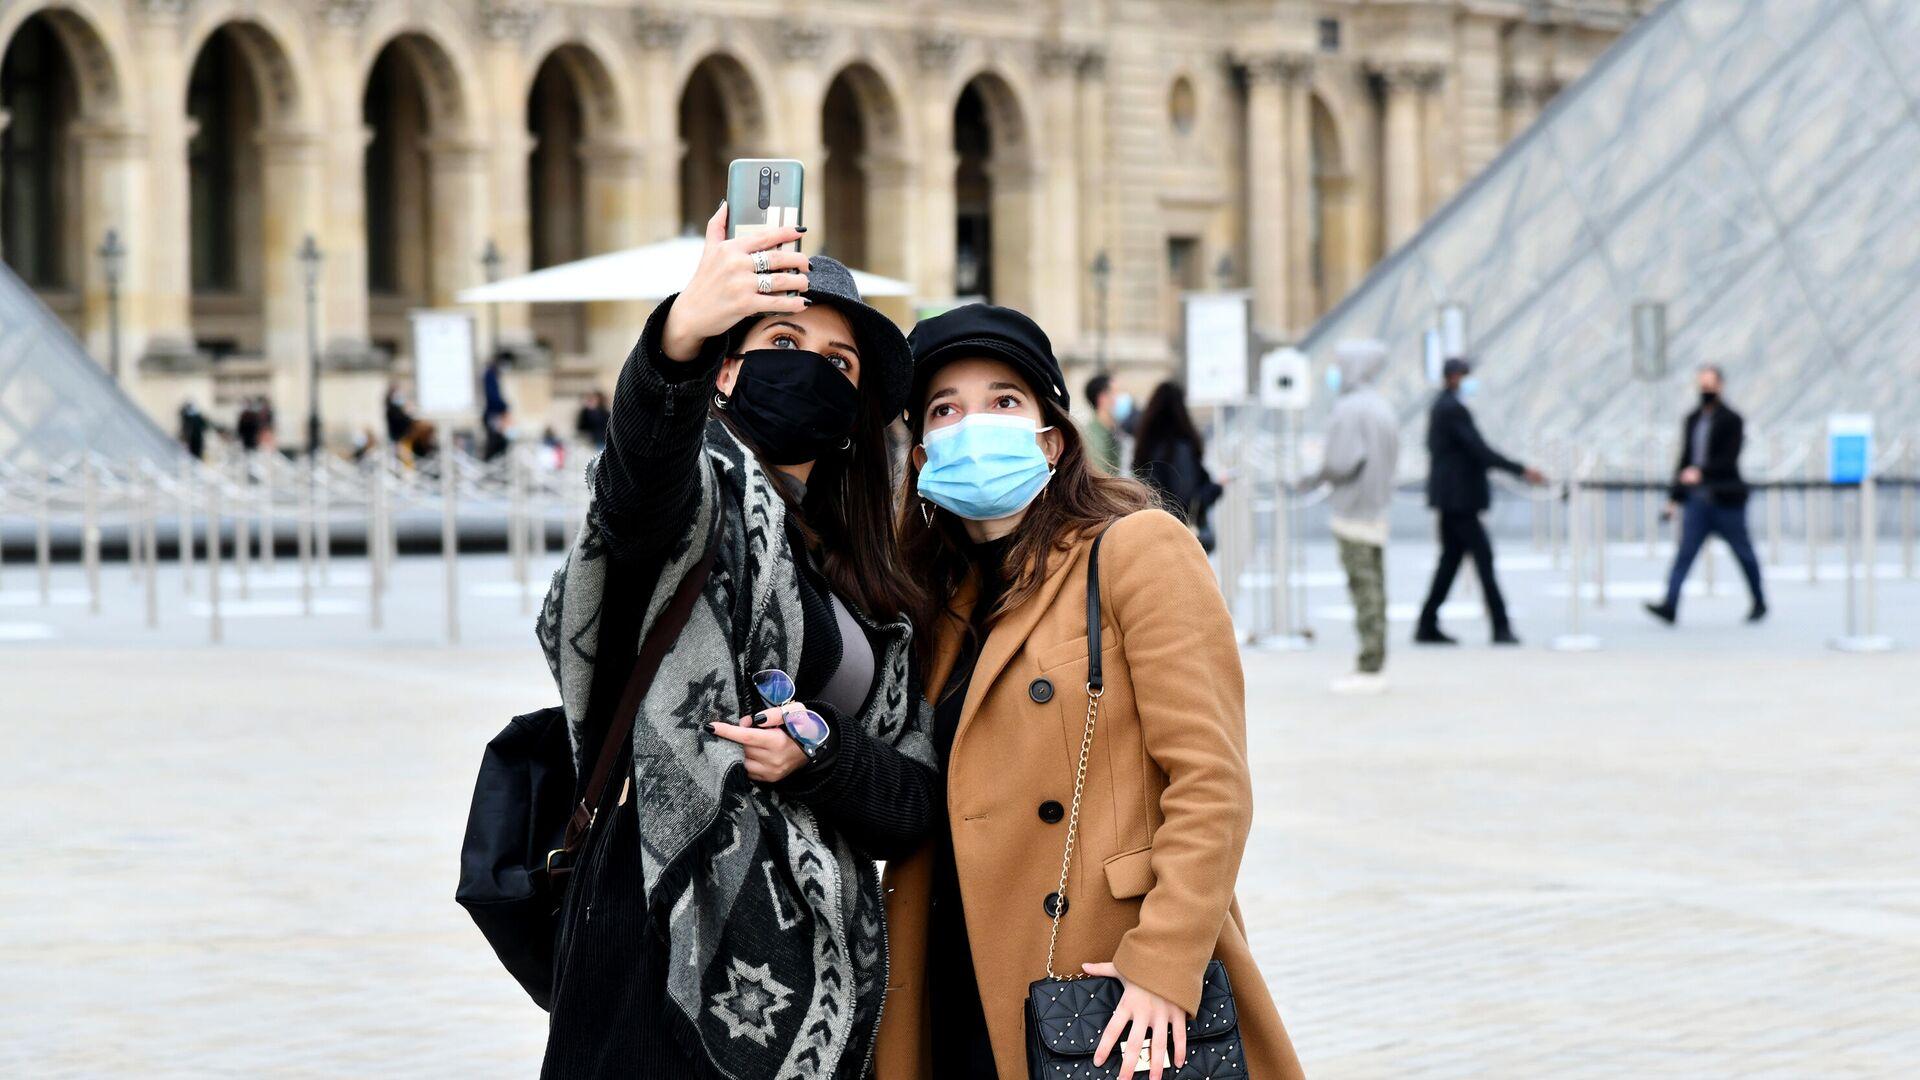 Девушки в масках фотографируются на площади у входа в музей Лувр в Париже - РИА Новости, 1920, 11.01.2021